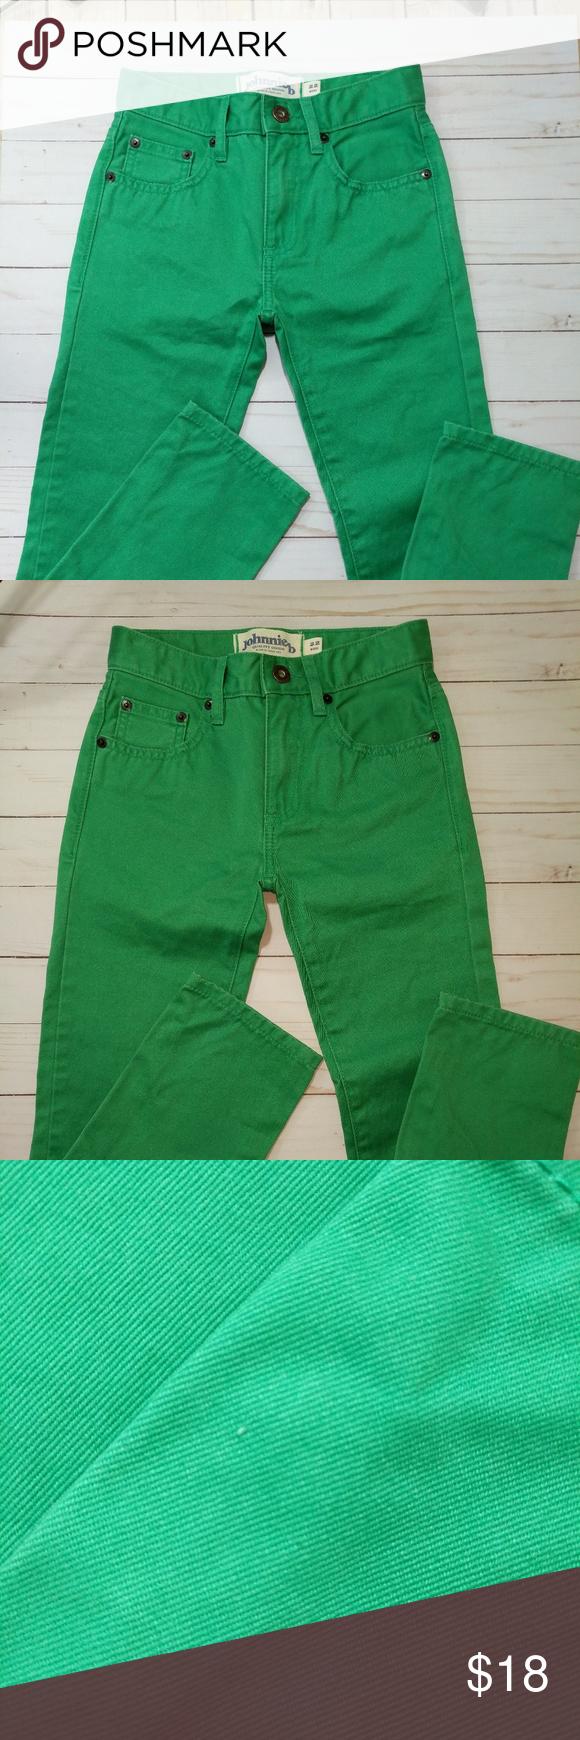 Girl   johnnie  green jeans like new regular also in my posh picks rh pinterest